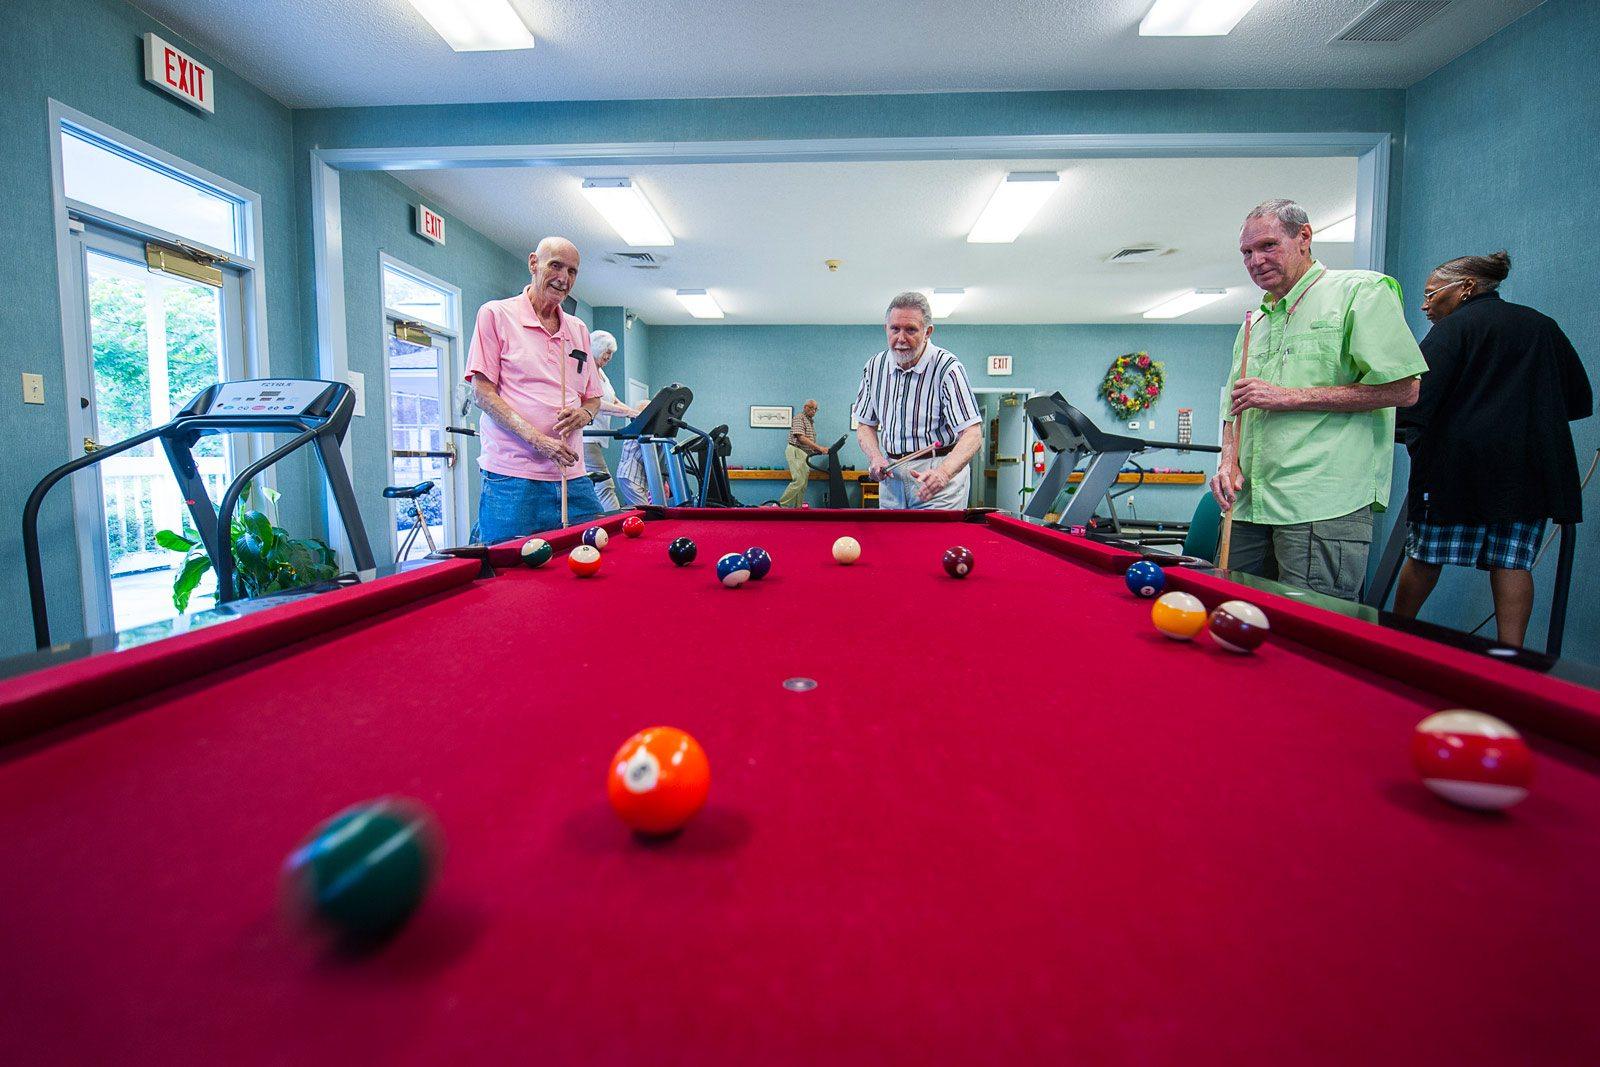 Senior Center in Garden City, GA